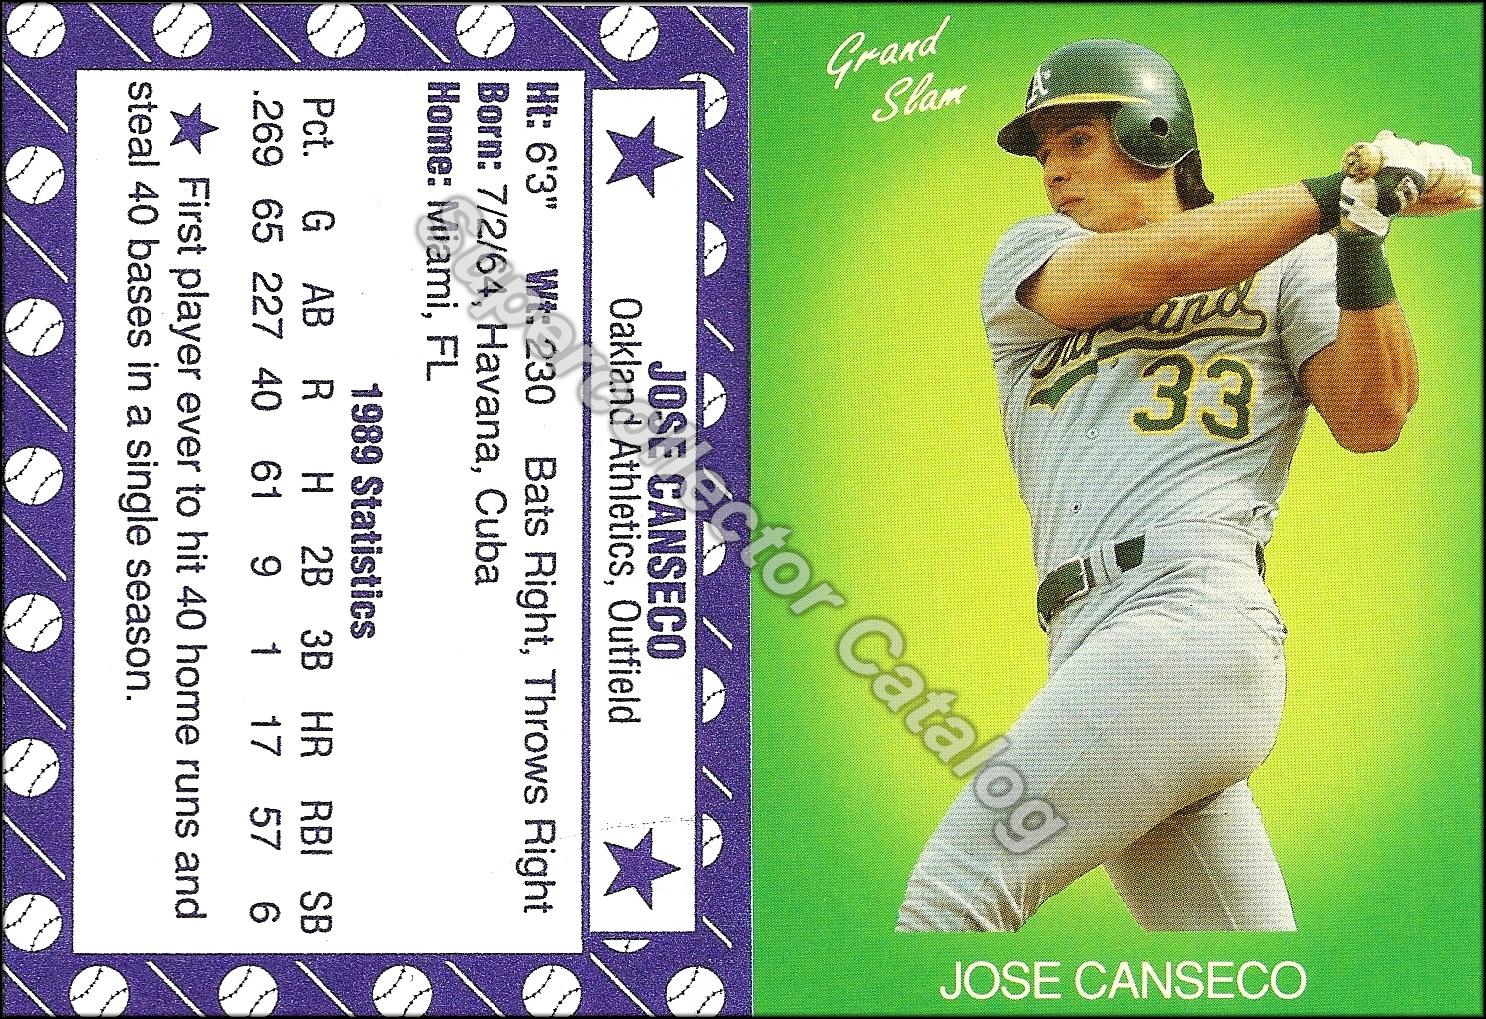 1990 Grand Slam Green (light green background)